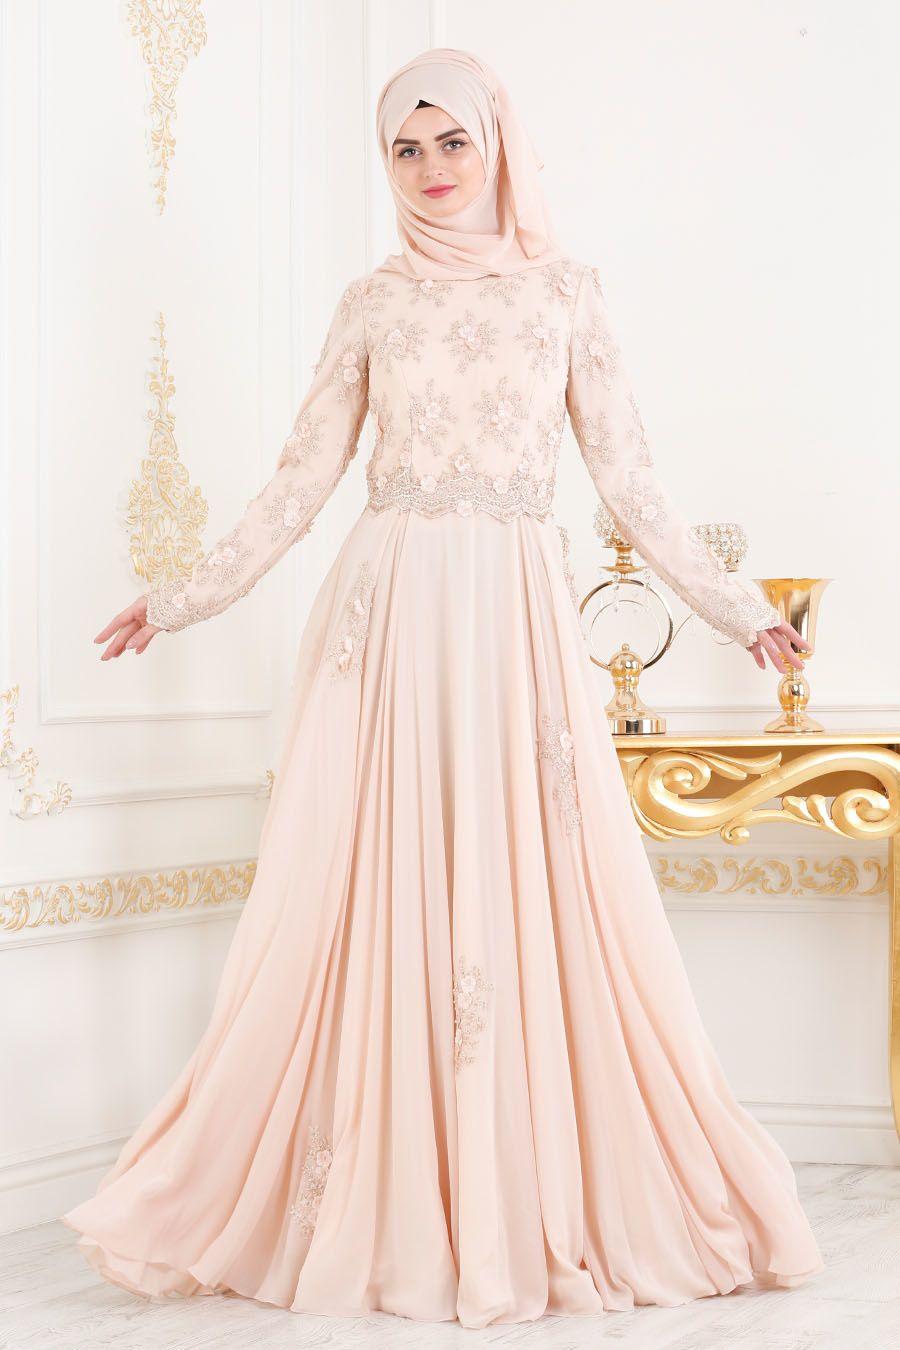 0f0e2b6696d25 Tesettürlü Abiye Elbise - Boncuk Detaylı Somon Tesettür Abiye Elbise  43961SMN